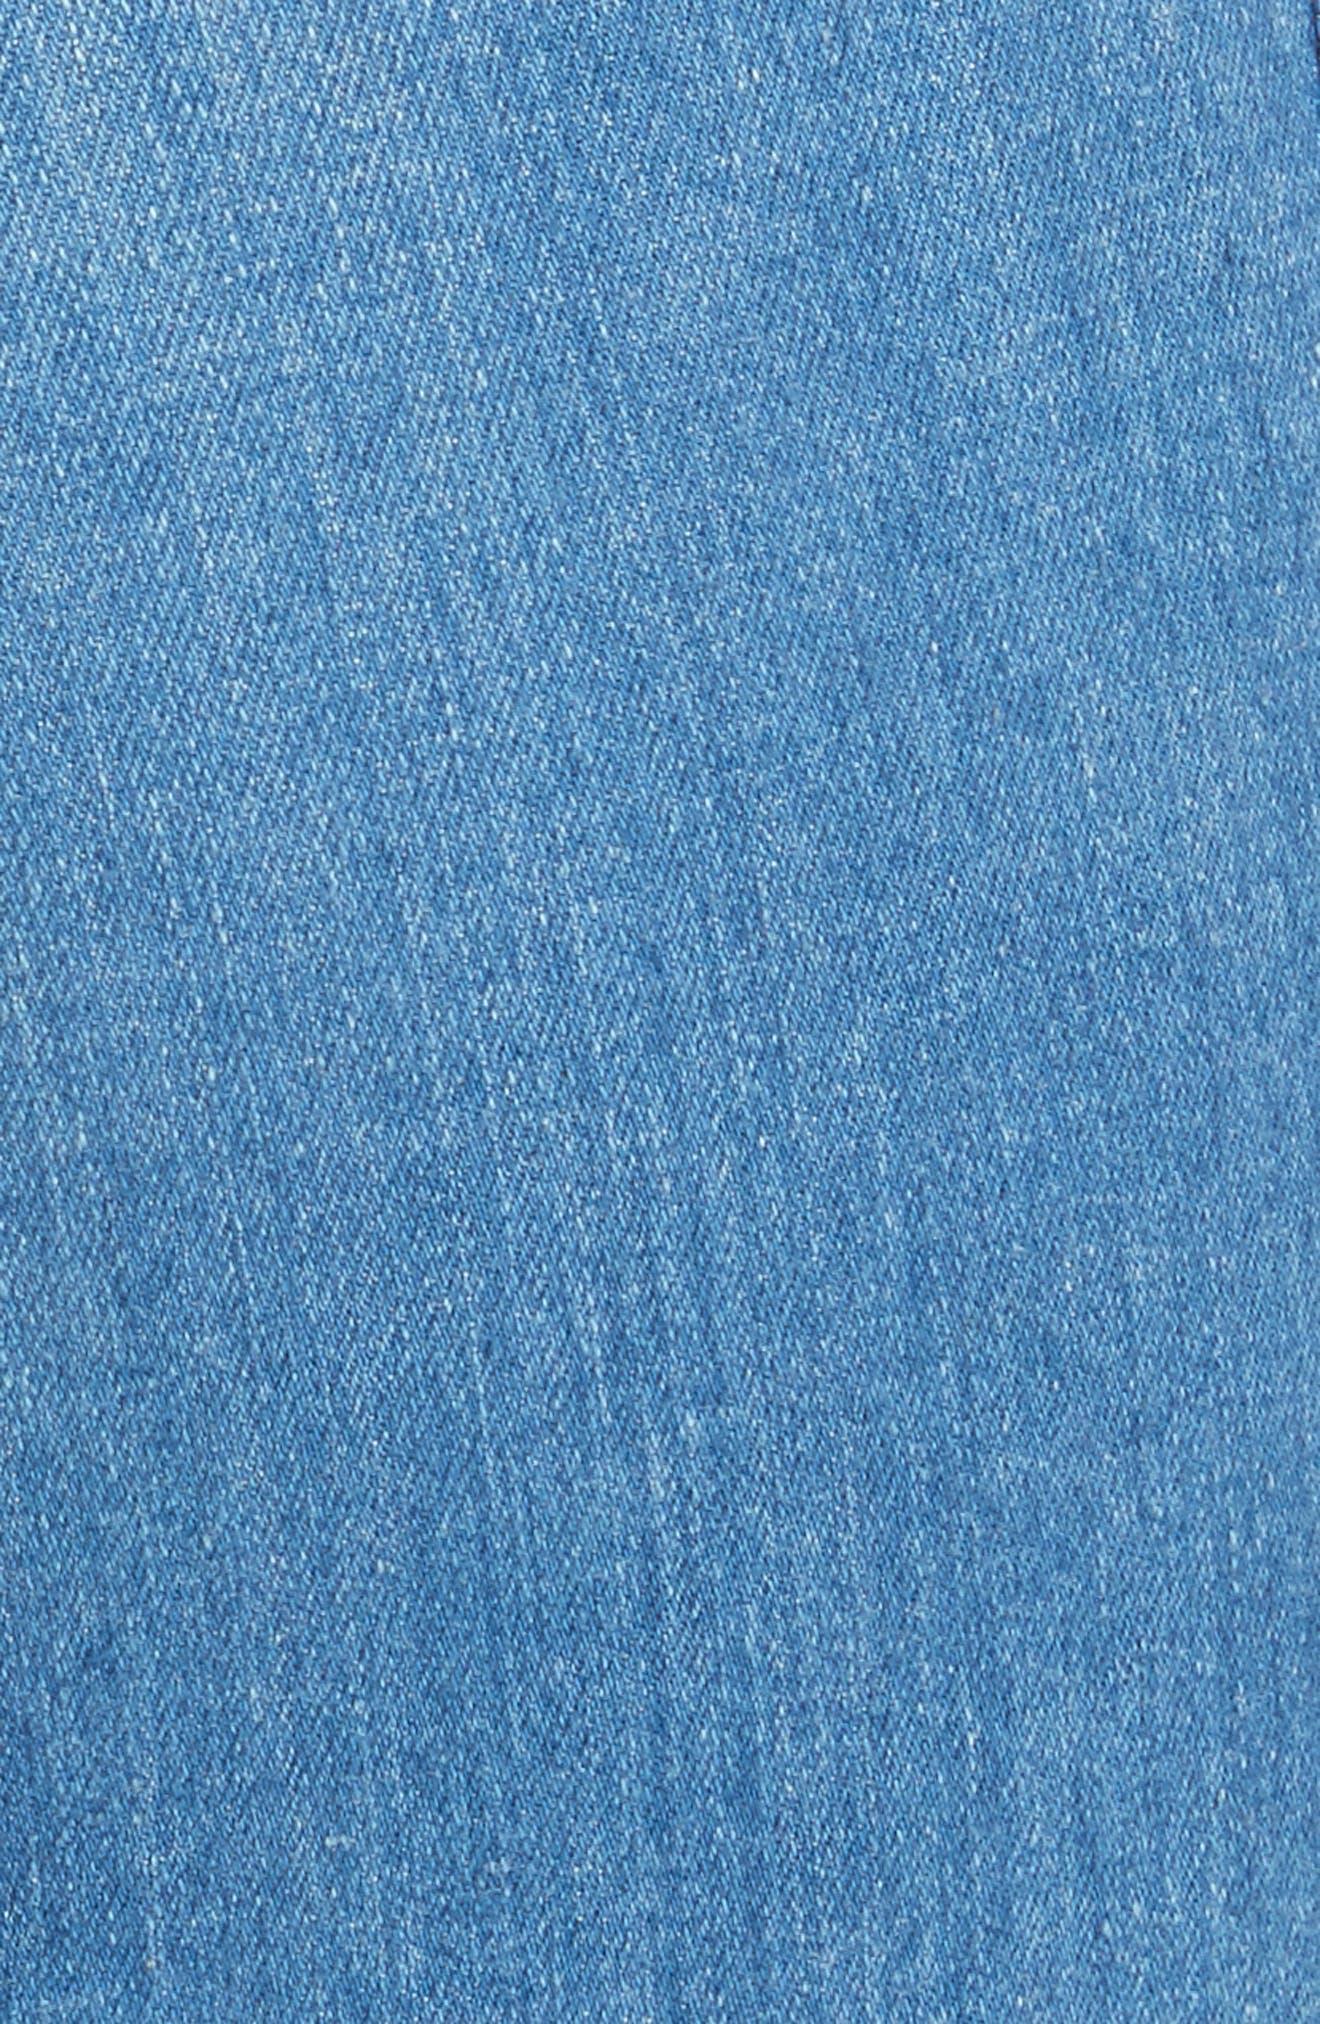 Farrah Wide Leg Jeans,                             Alternate thumbnail 5, color,                             400